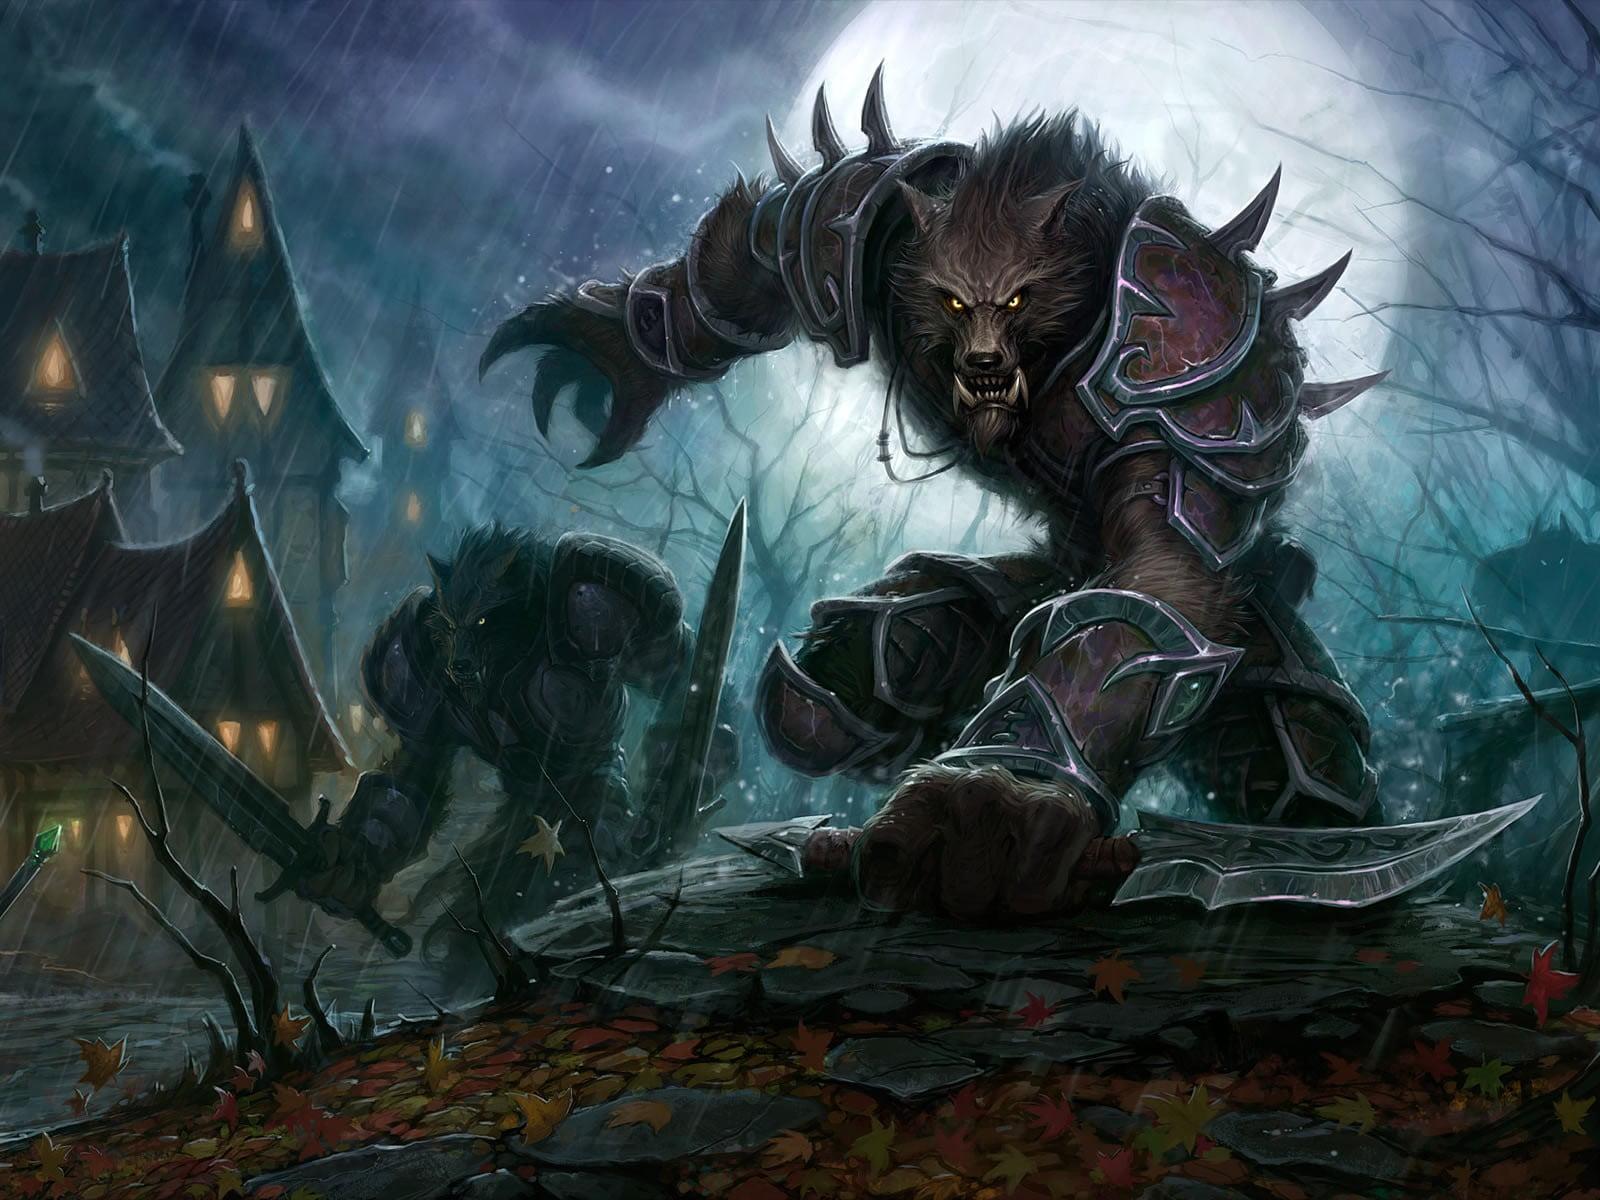 werewolf anime illustration werewolves